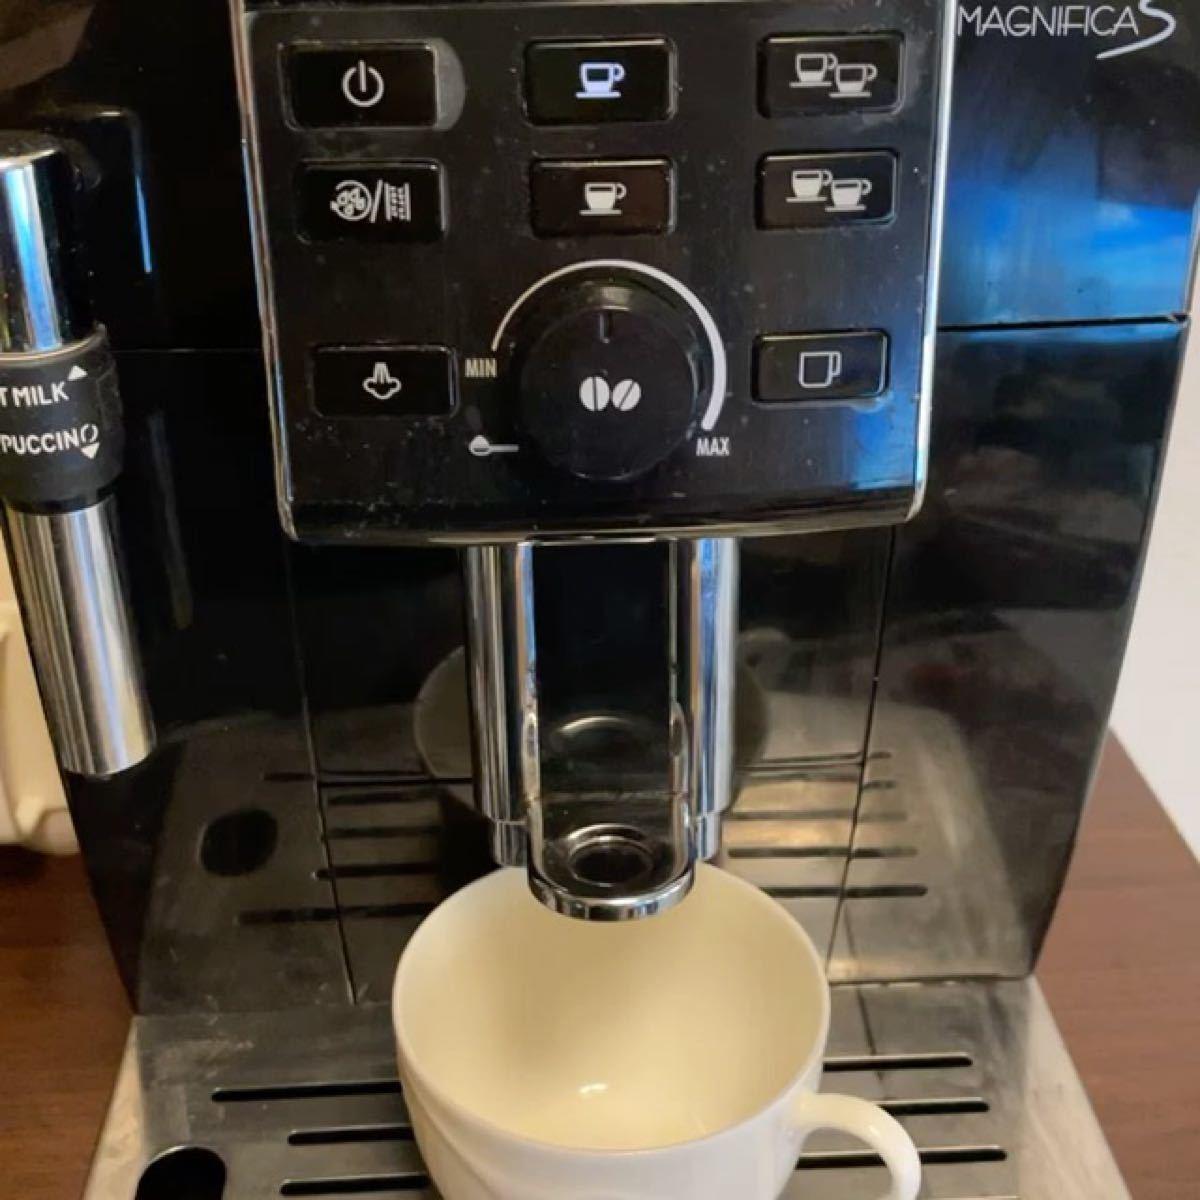 デロンギ ECAM23120BN マグニフィカ コーヒーメーカー 全自動